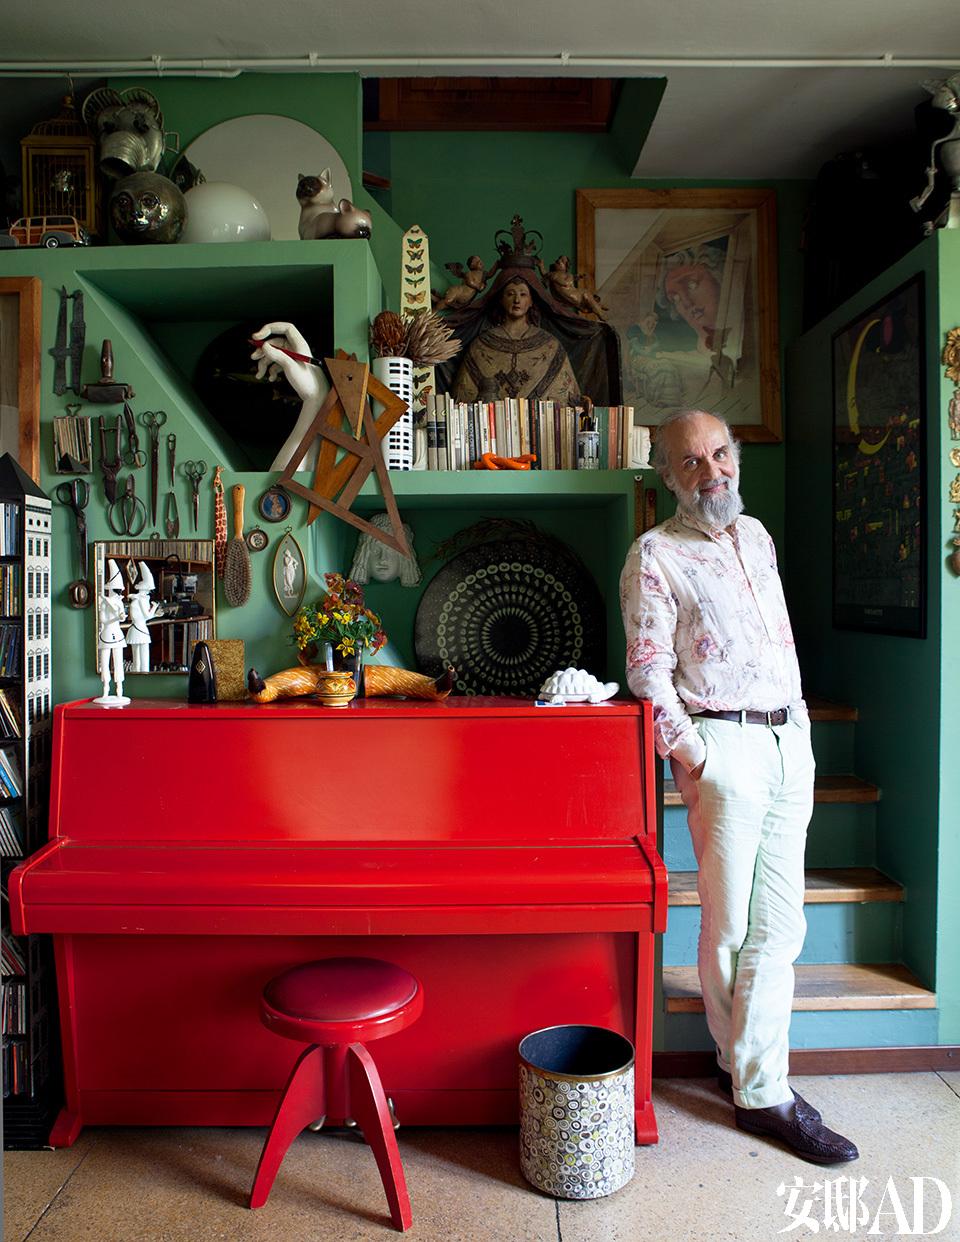 主人:Barnaba Fornasetti,家居设计大师Piero Fornasetti之子。Piero Fornasetti创作出设计史上的经典之作,他把女孩Lina Cavalier的脸装饰在瓷器、家居和其他物件上,融入戏剧化的元素。Barnaba Fornasetti站在米兰家的二层,倚靠在红色钢琴旁。钢琴上是已故父亲Piero Fornasetti曾使用过的物品。